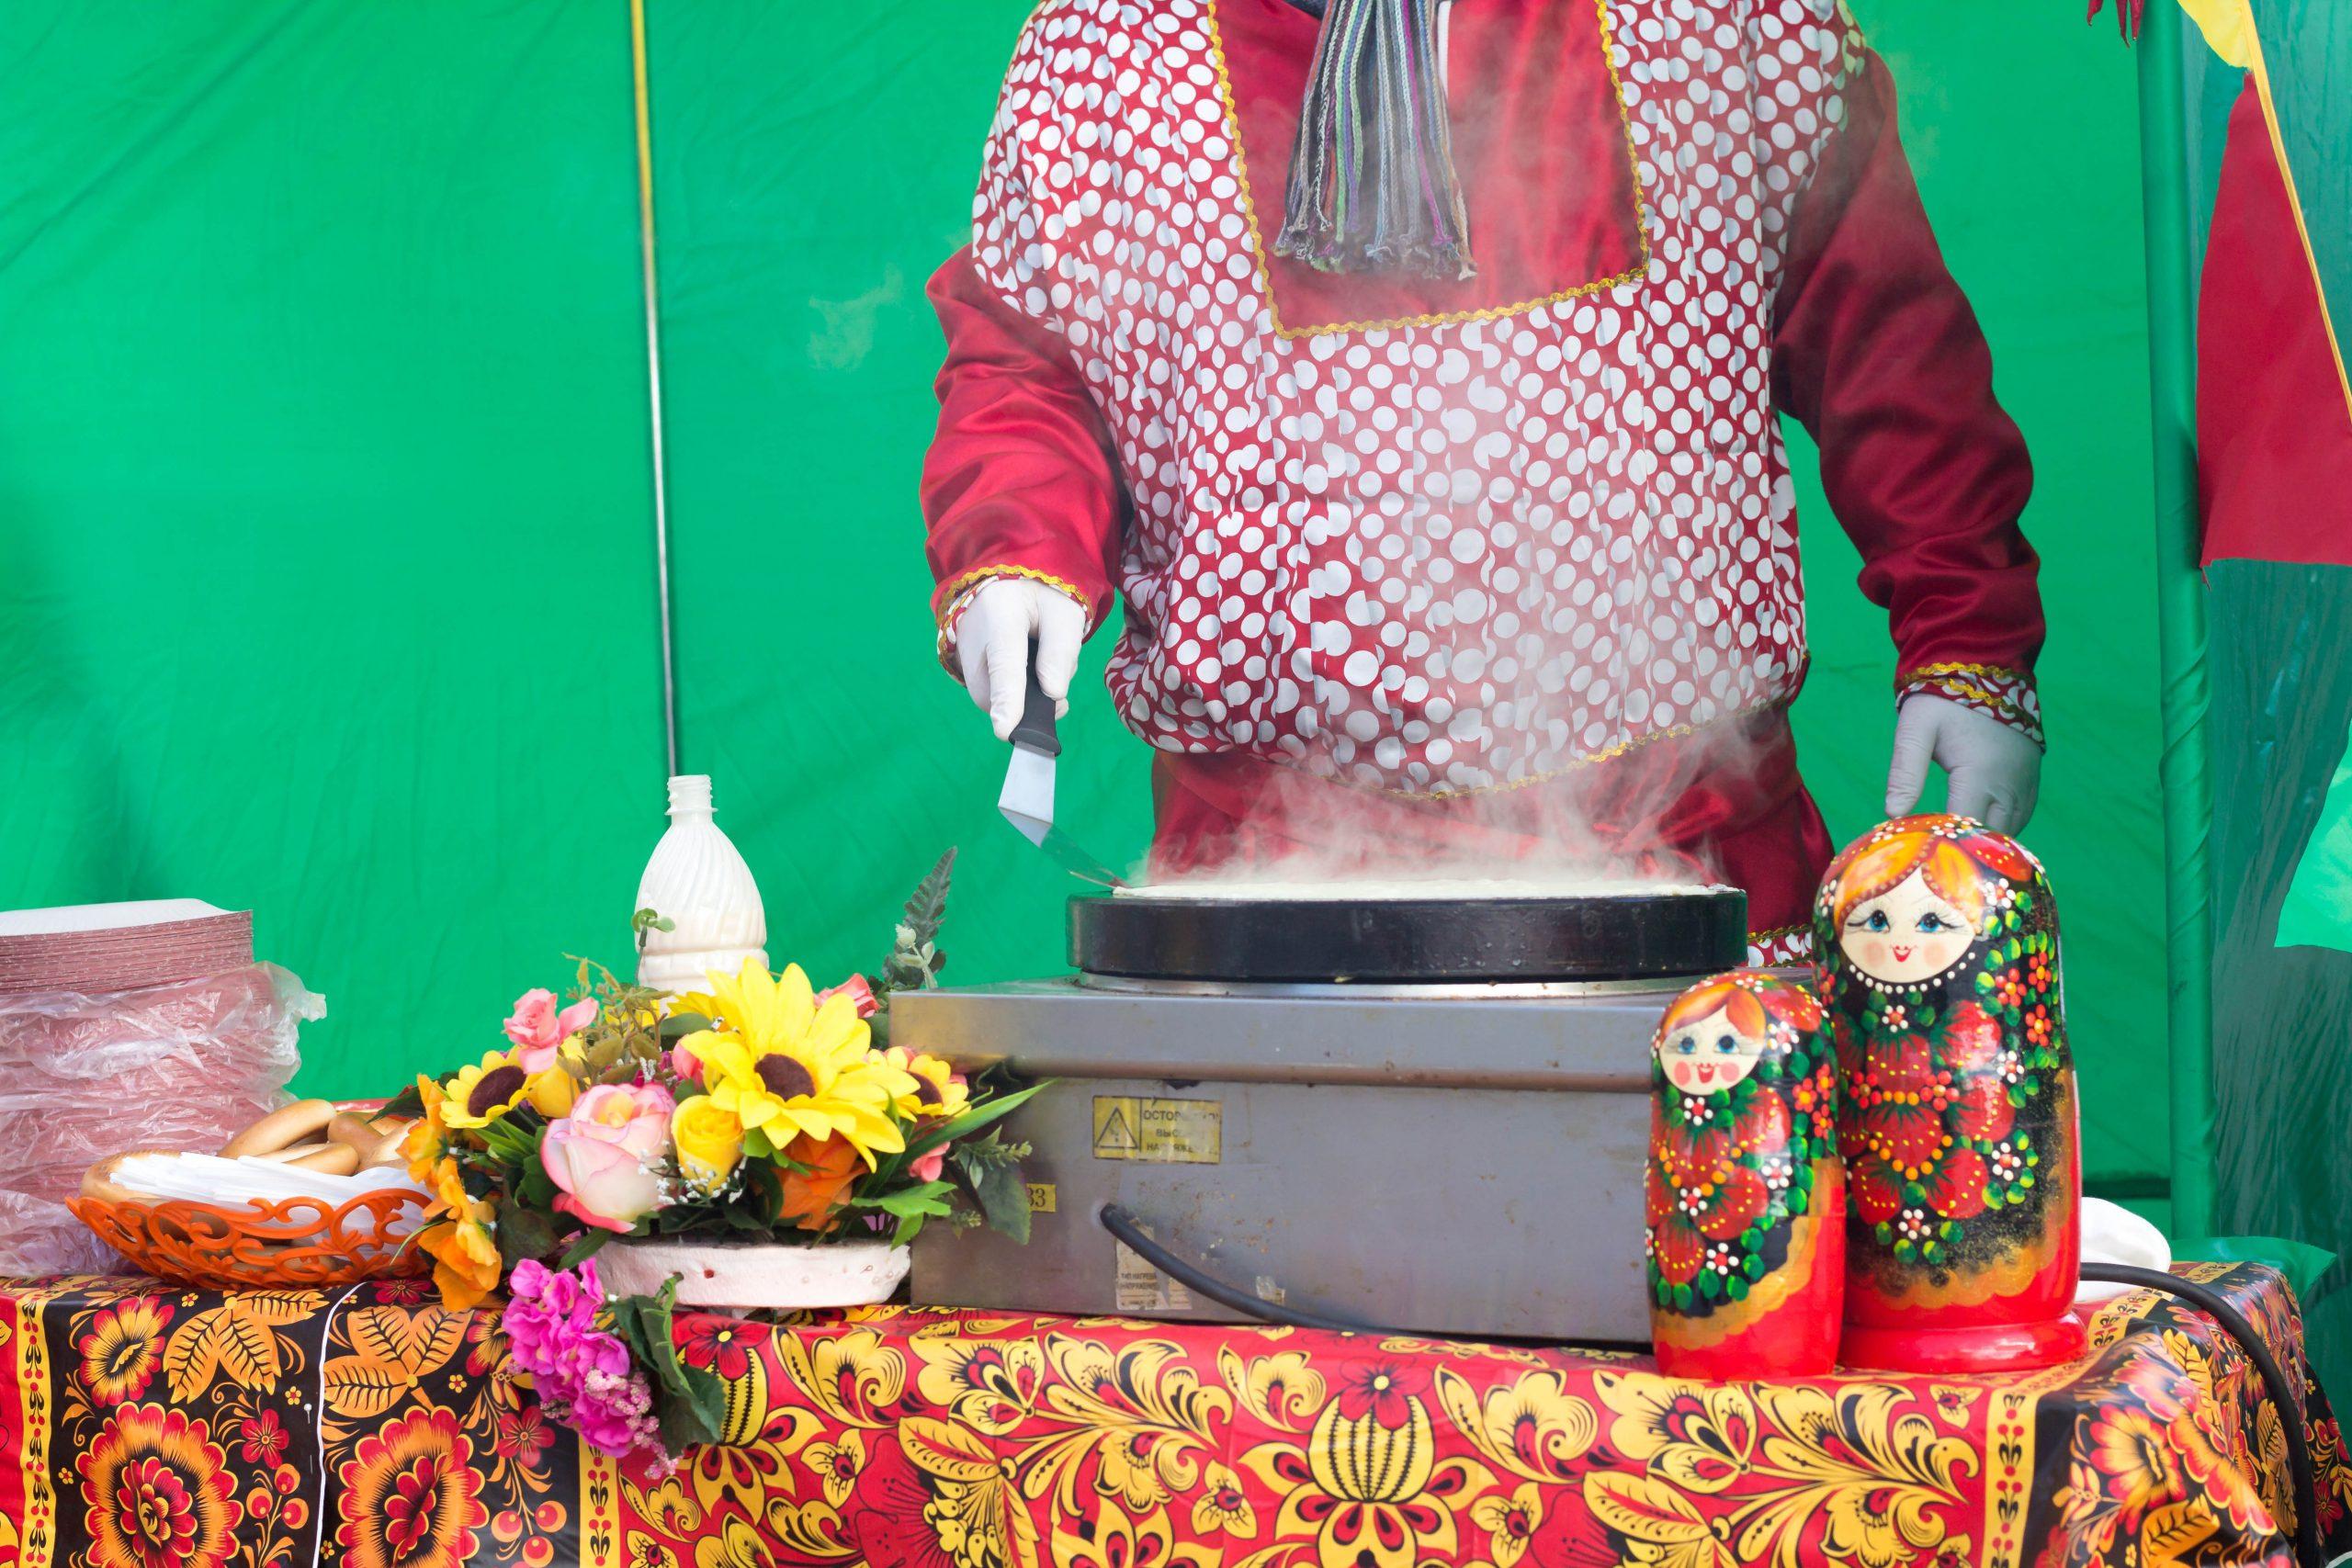 аниматор в русском национальном костюме готовит блины